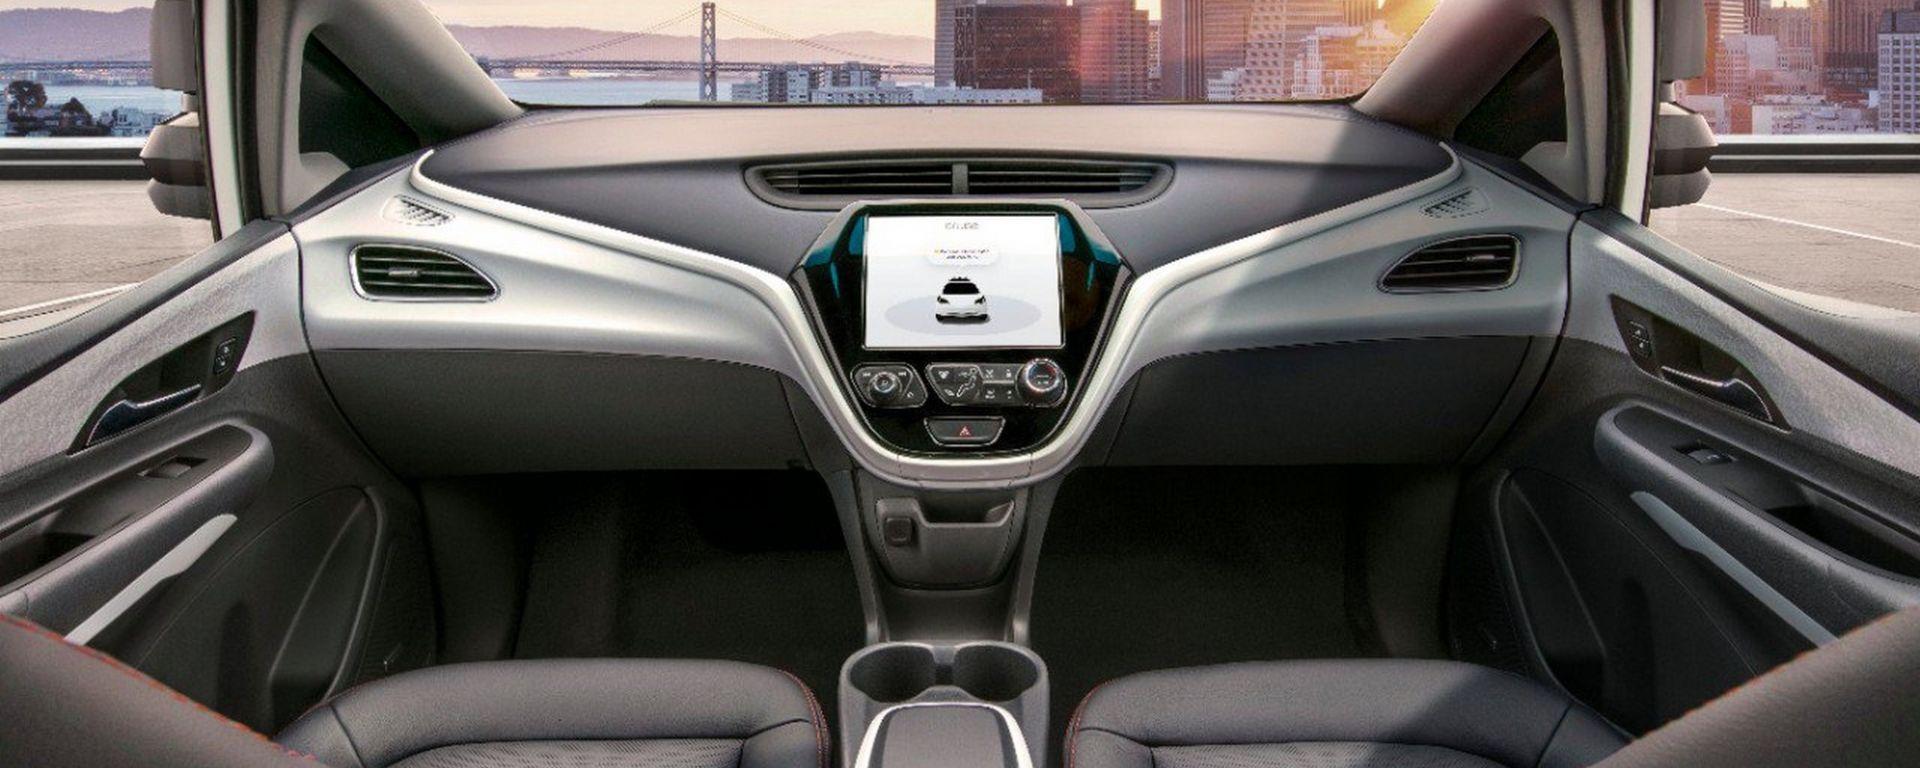 Cruise AV, dal 2019 la GM a guida autonoma senza volante né pedaliera